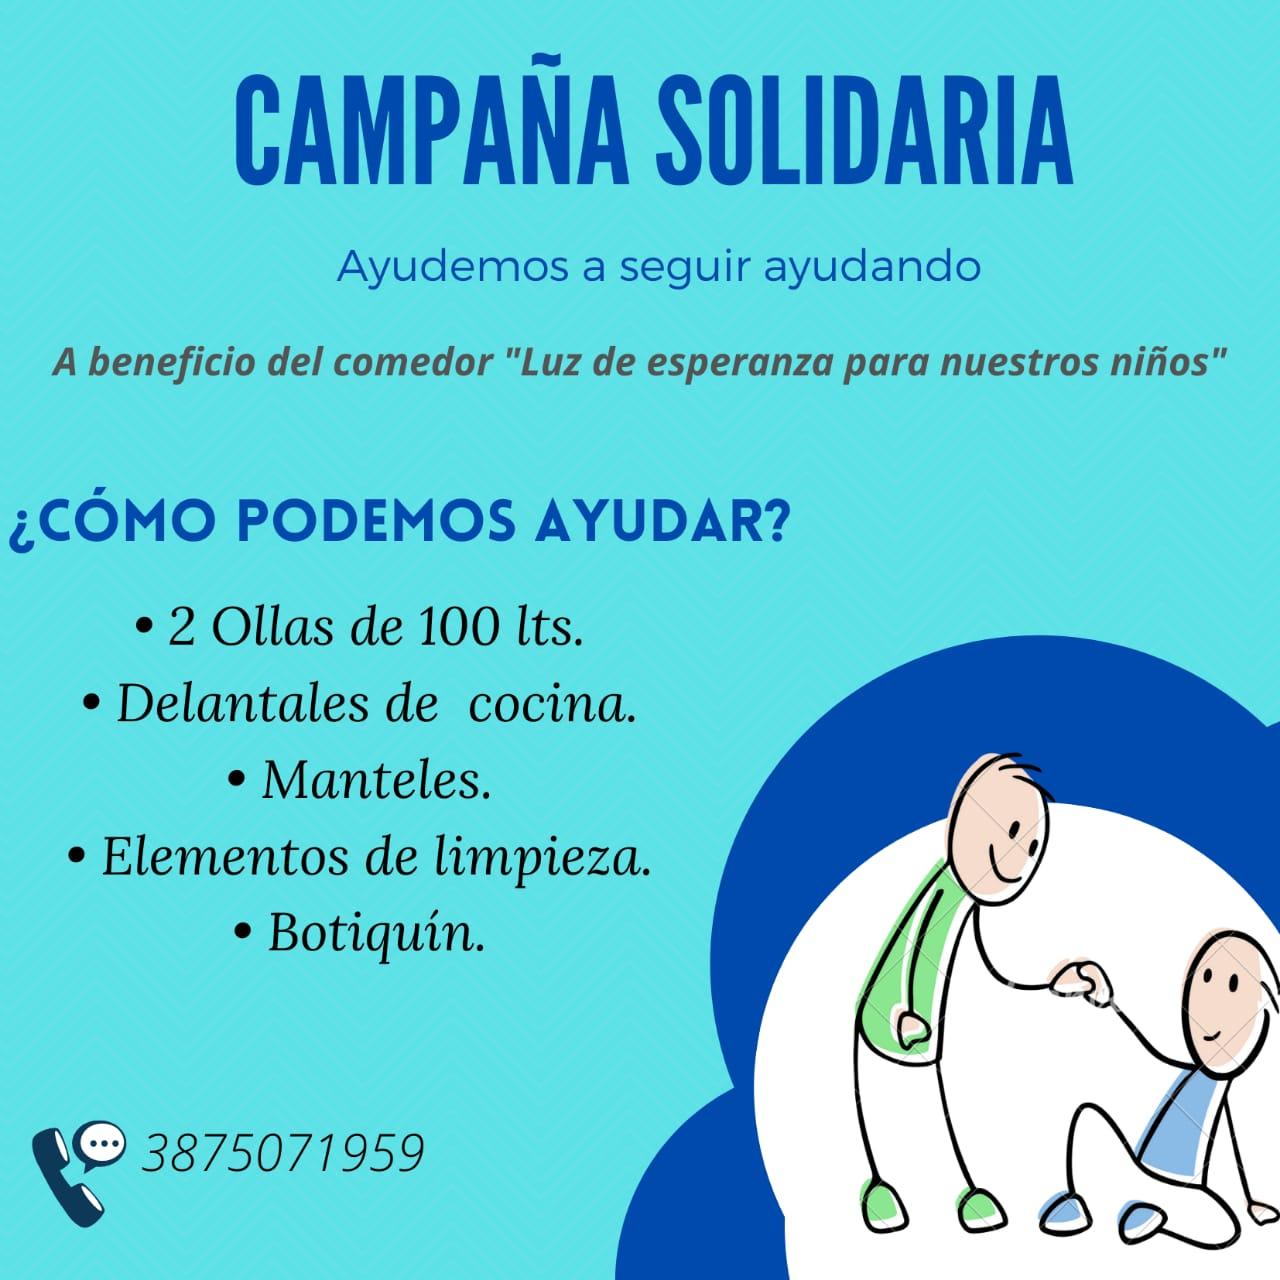 """Campaña solidaria para ayudar al comedor """"Luz de Esperanza para nuestros niños"""""""